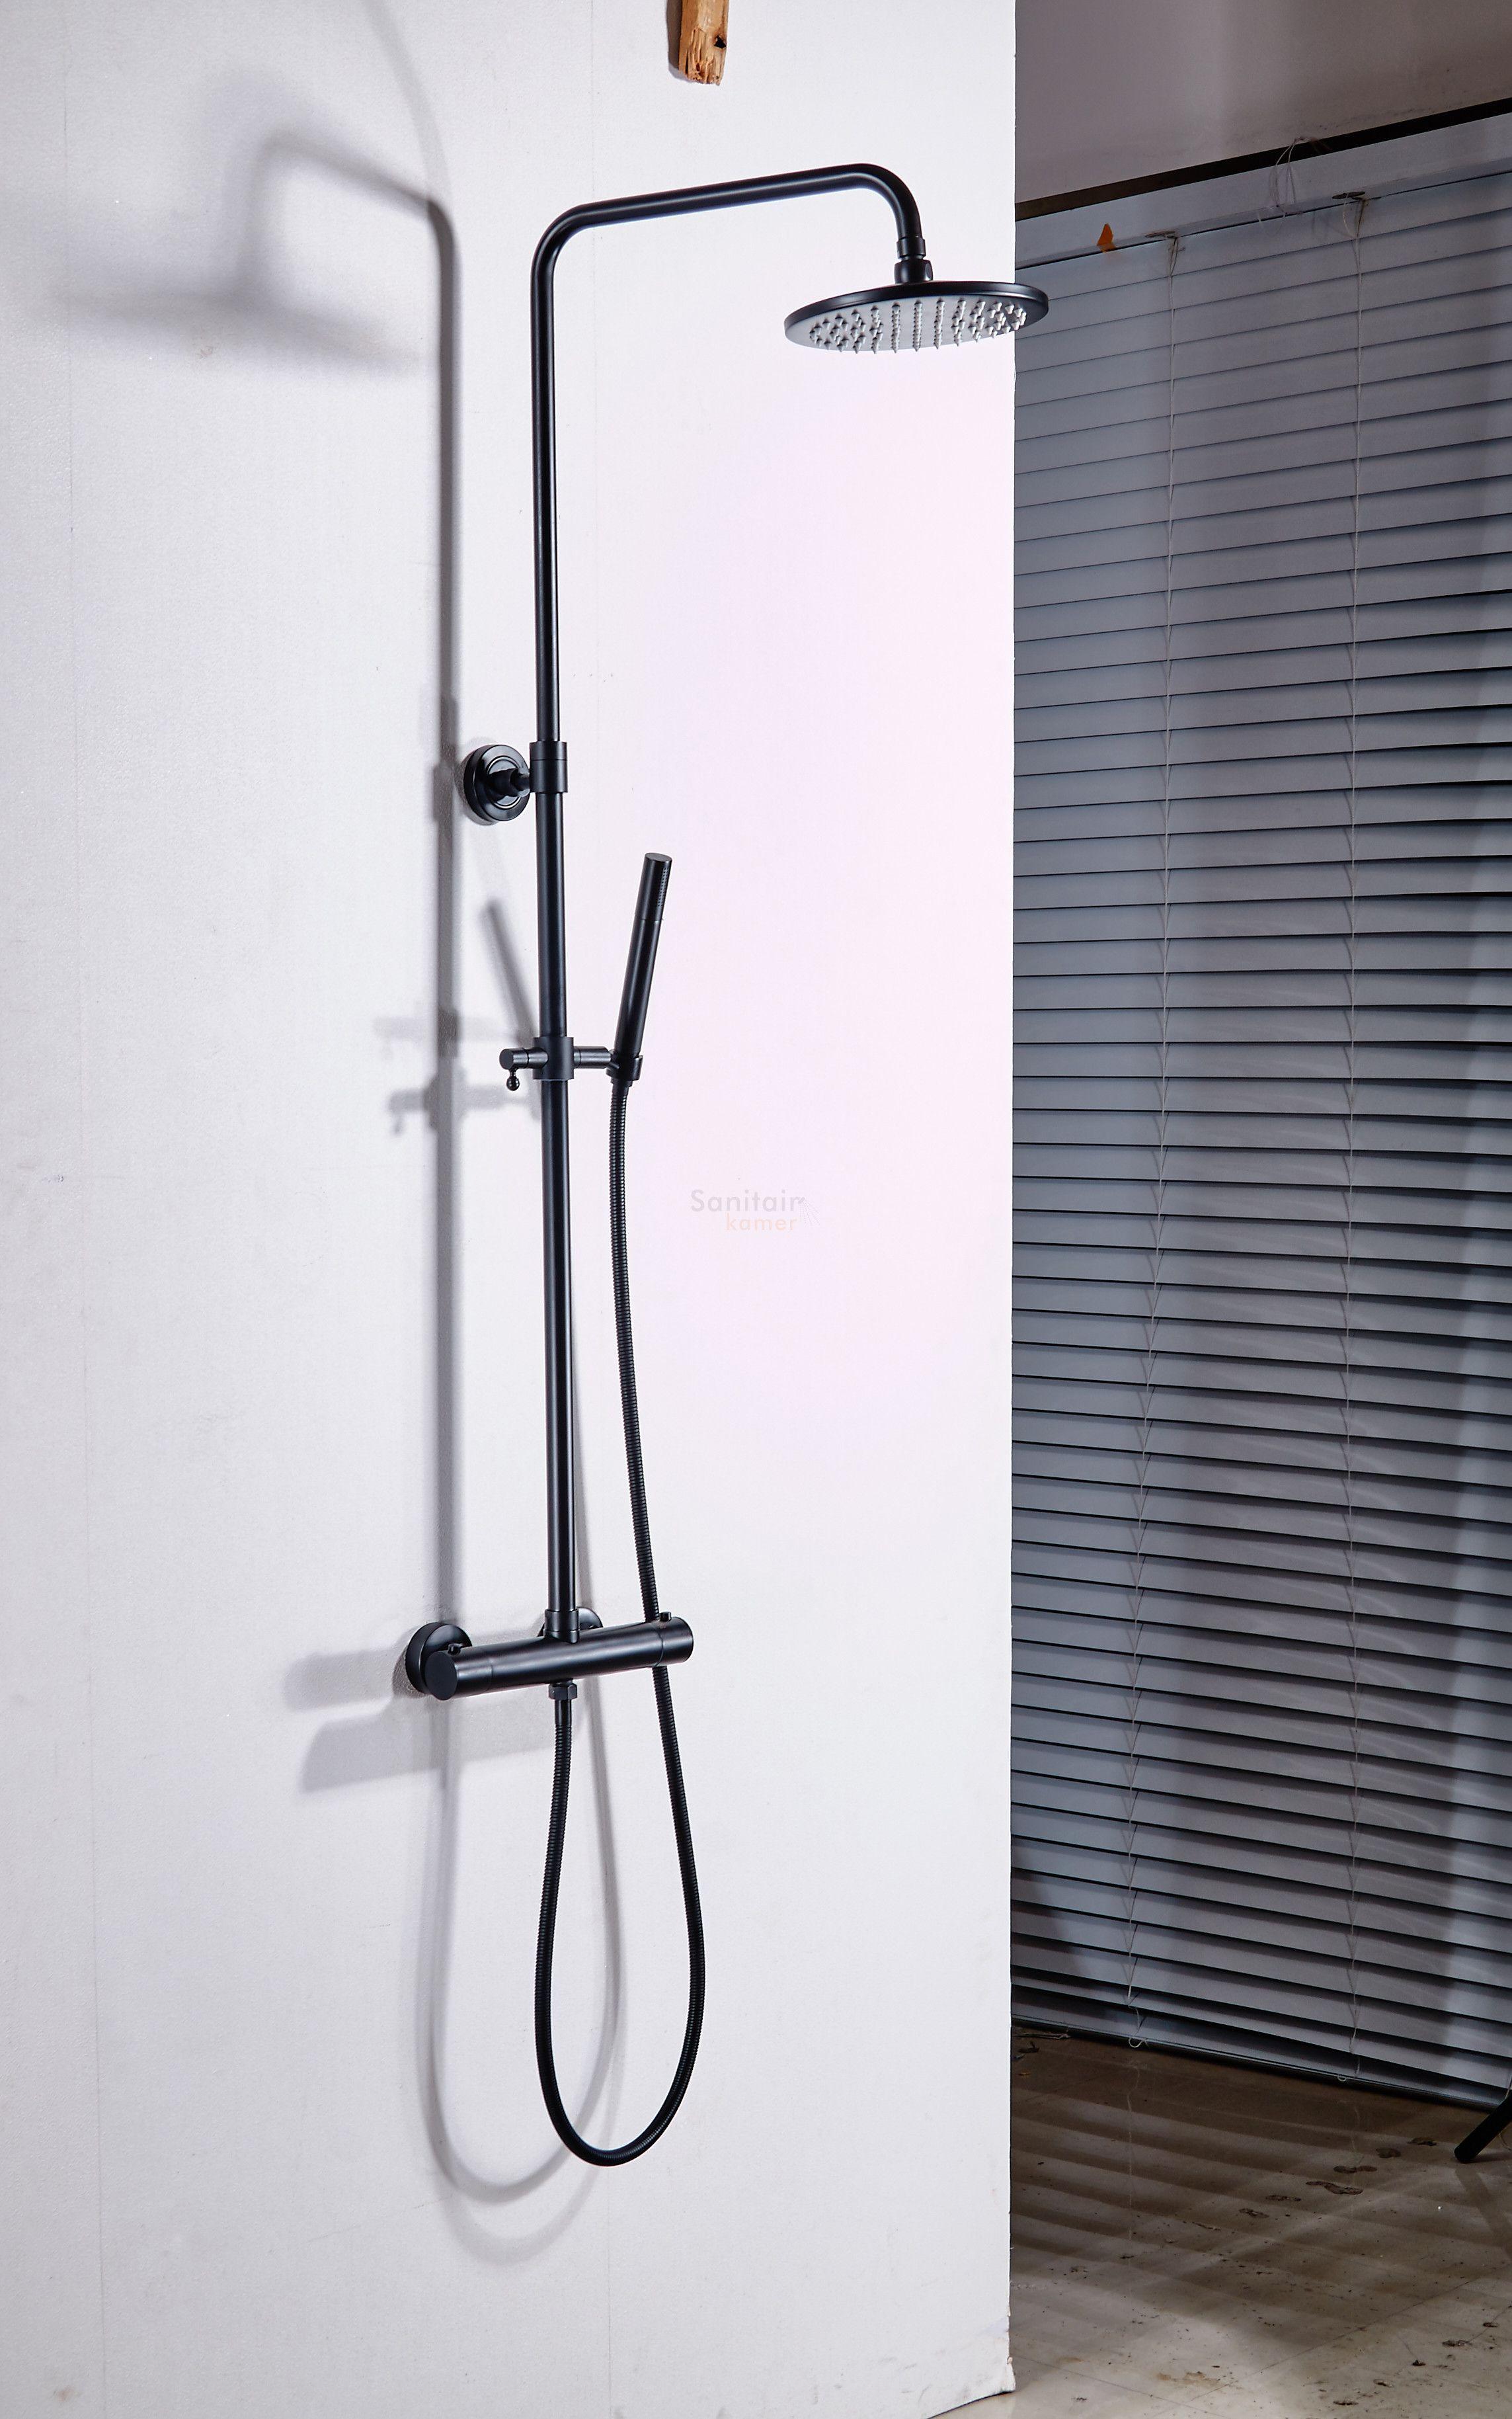 saniclear nero mat zwart opbouw regendouche met thermostaatkraan